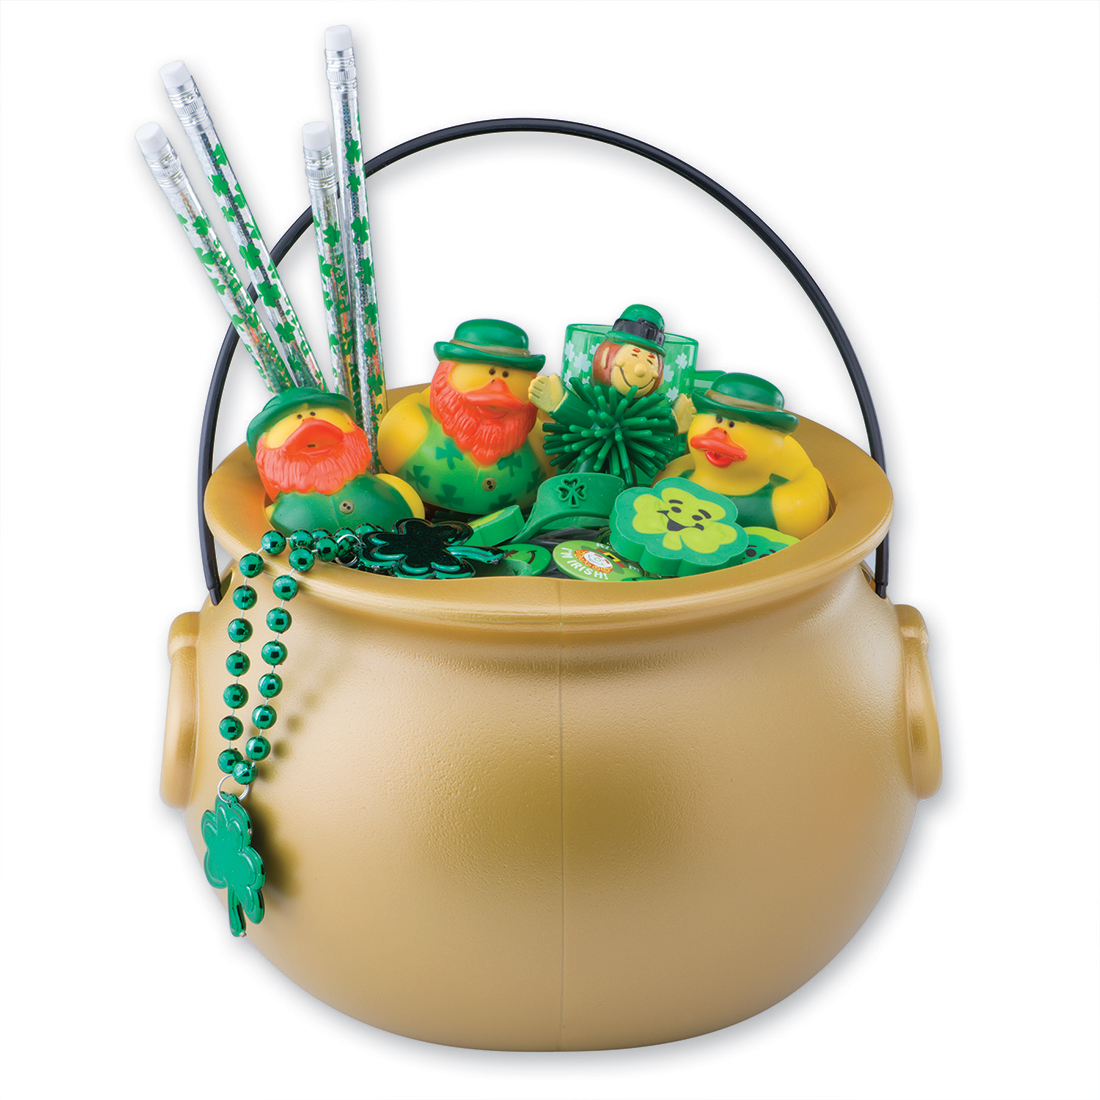 St. Patrick's Day Prizes